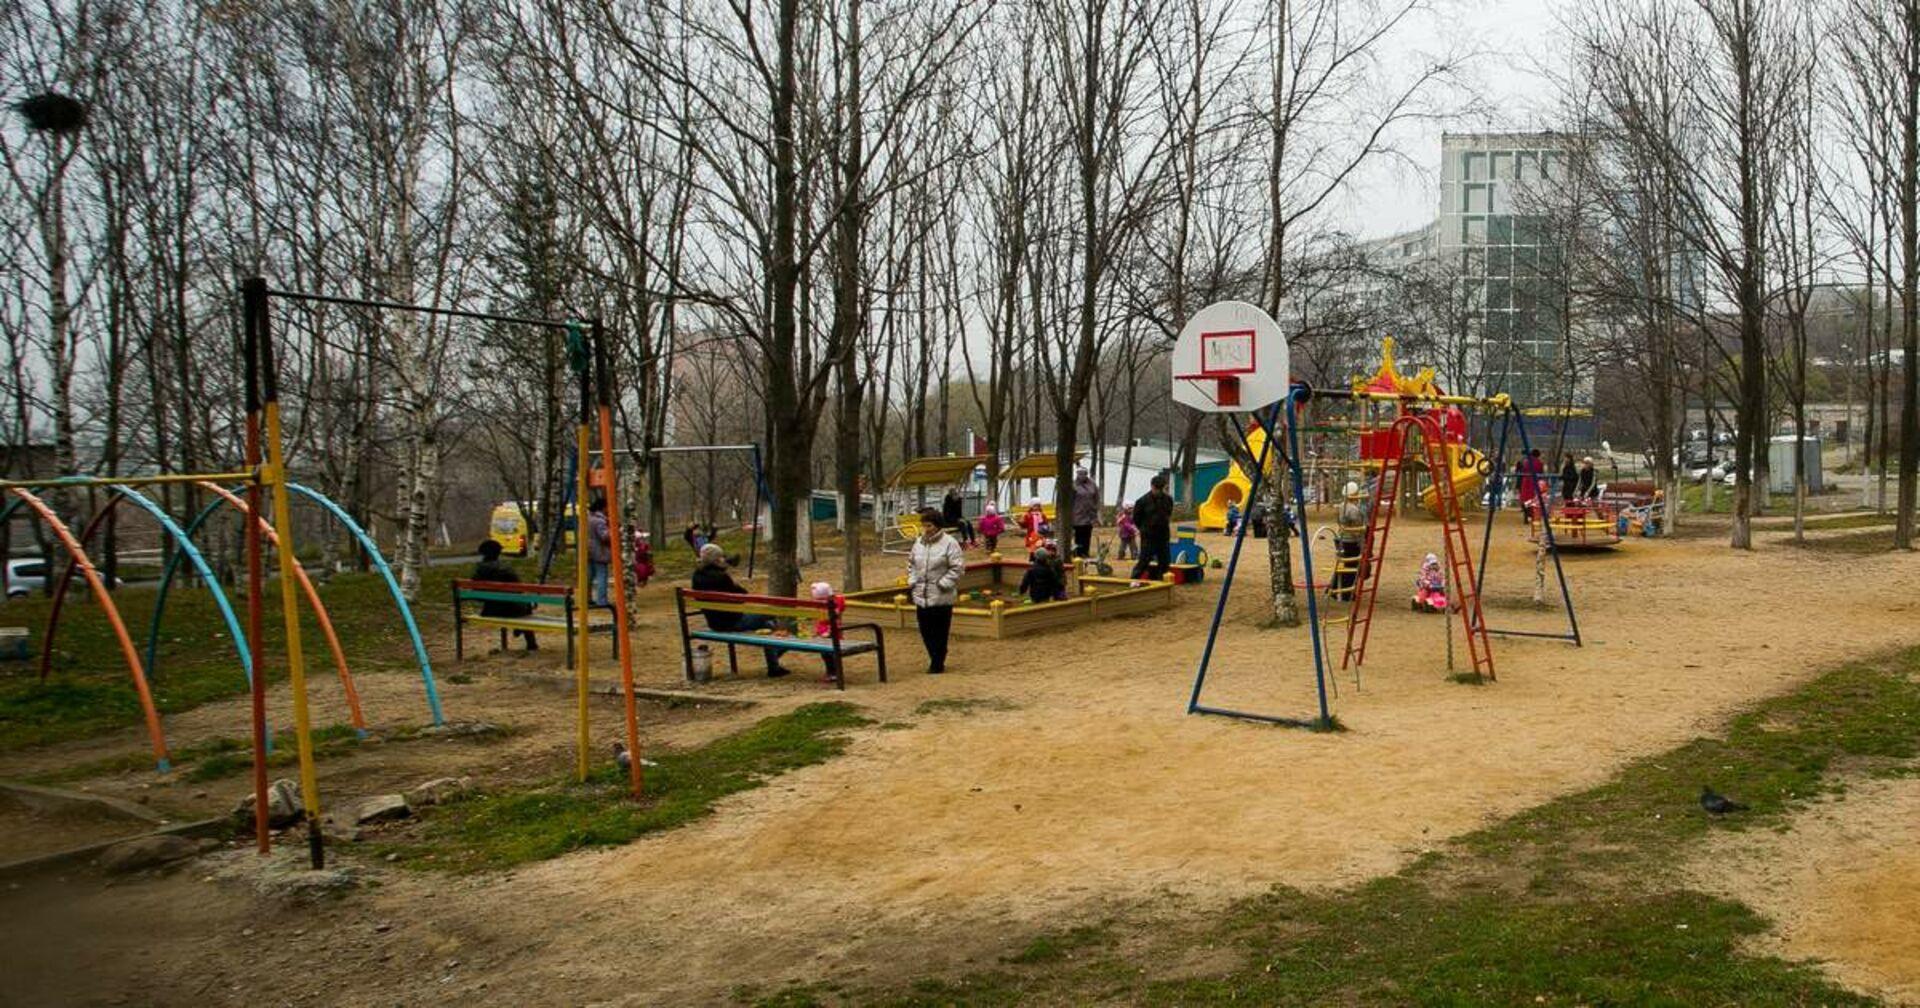 Frau kreuzt mit vier Welpen am Spielplatz auf: Zeugen rufen sofort die Polizei!